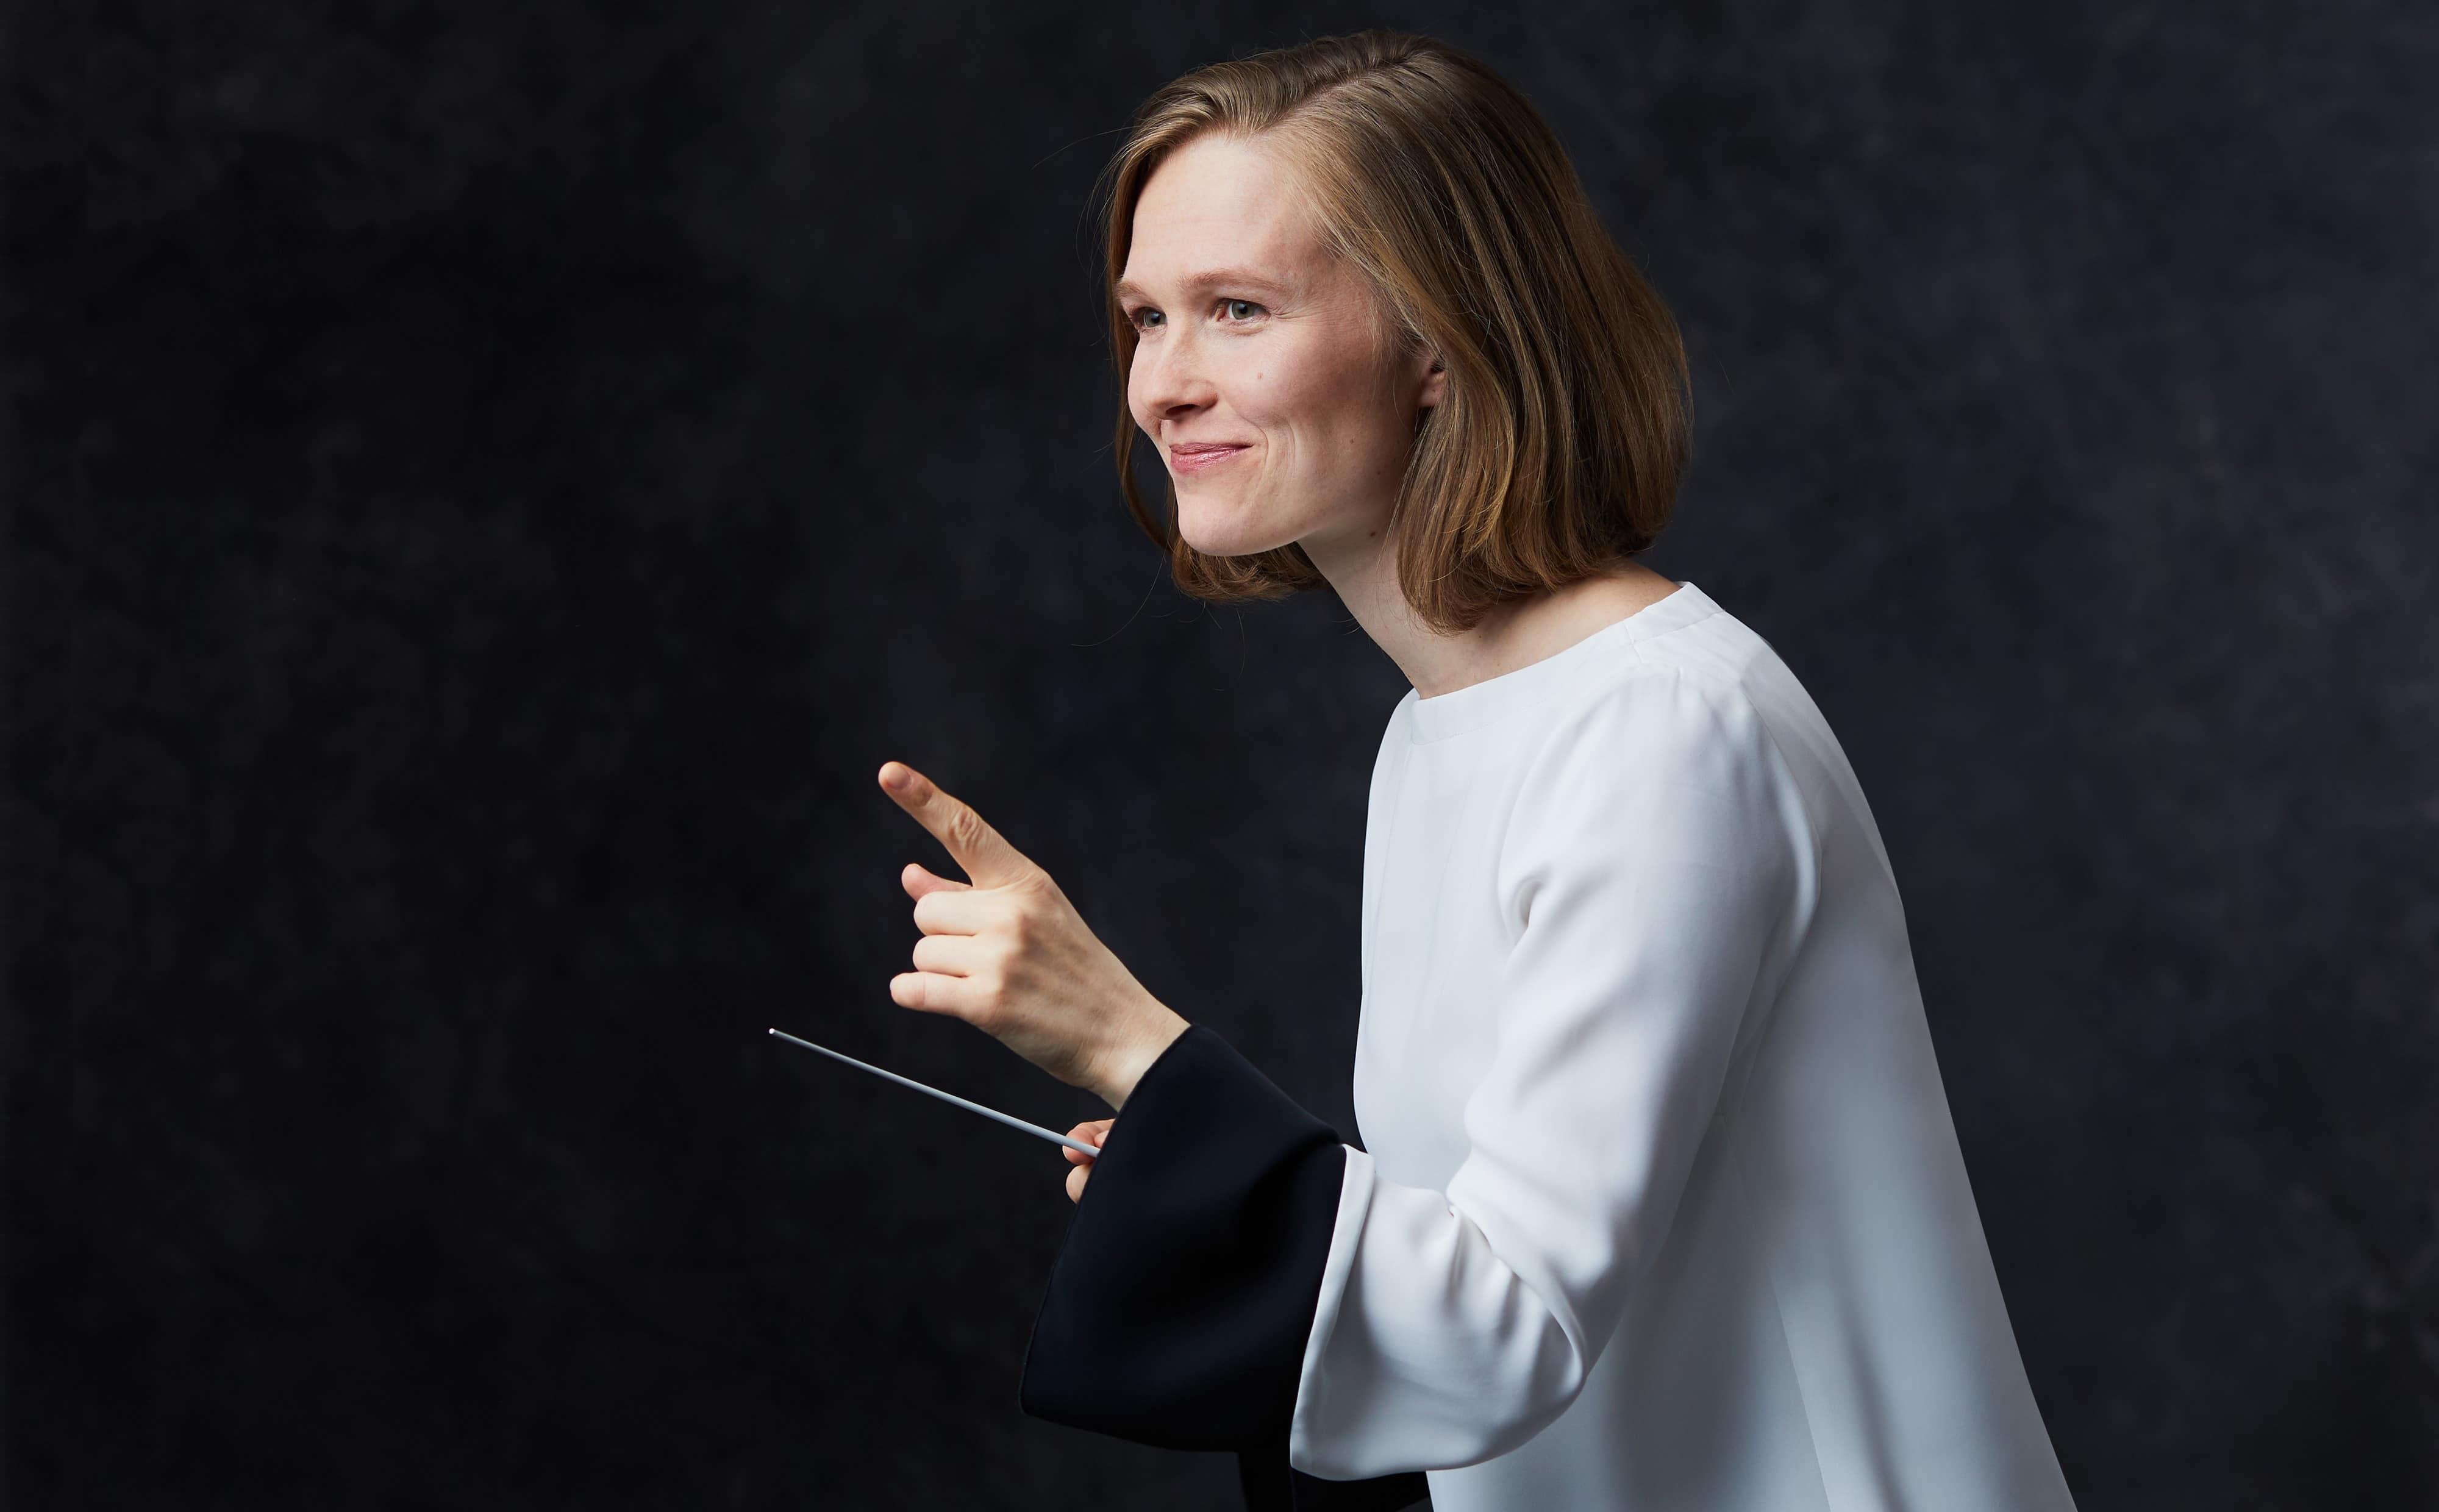 Mirga's make-do orchestra saves Salzburg's War Requiem